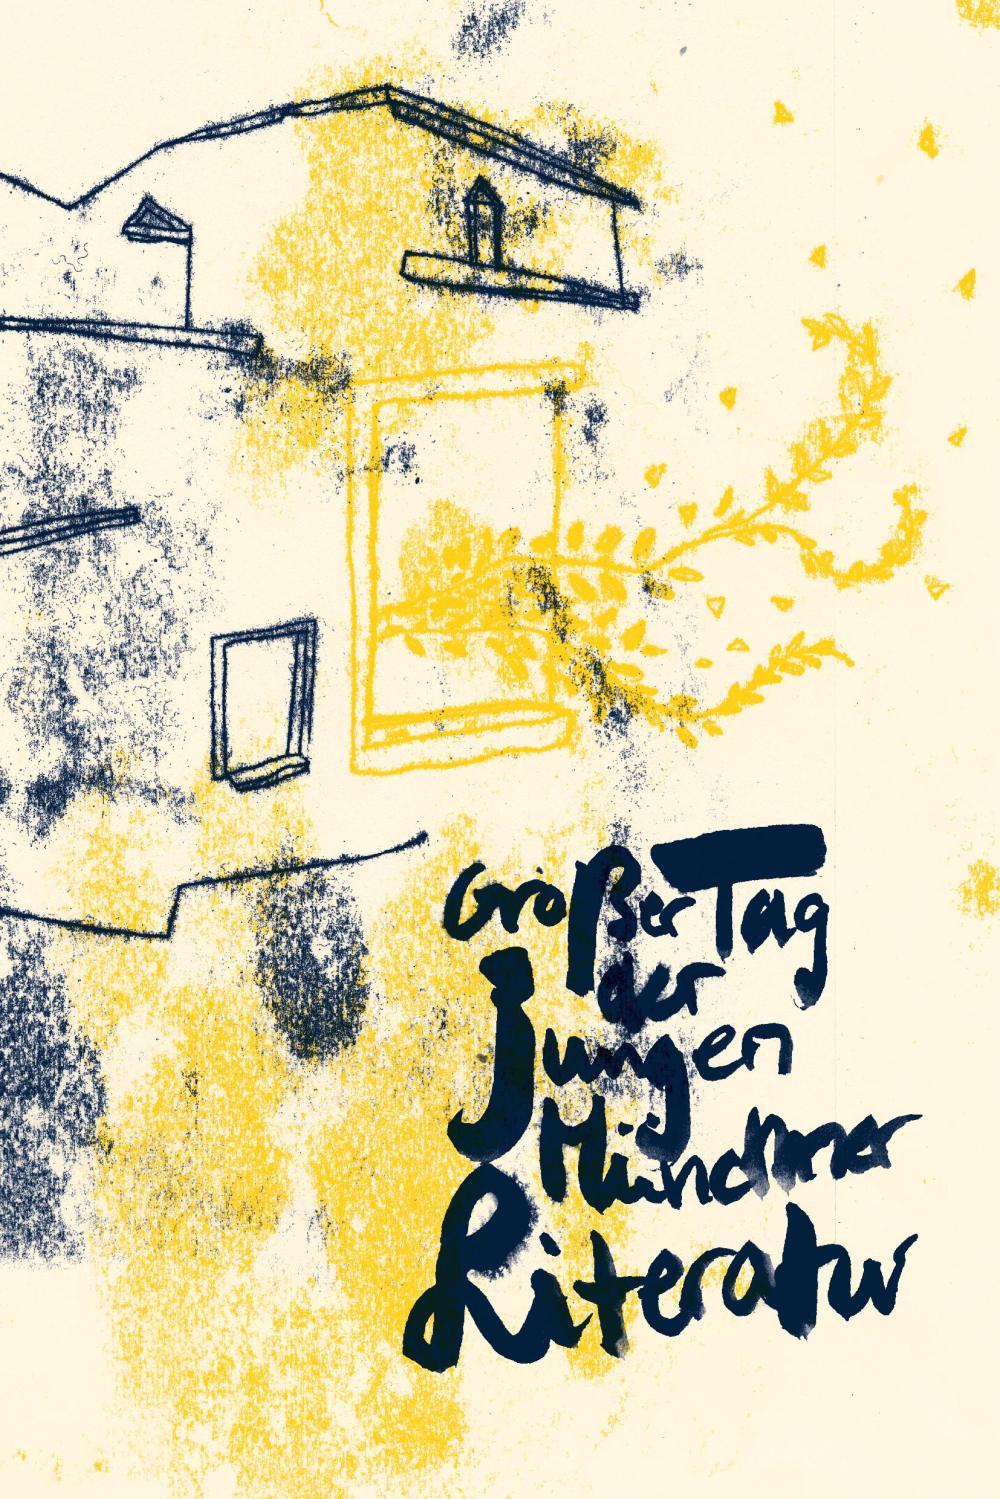 Celebrating Munich's literature